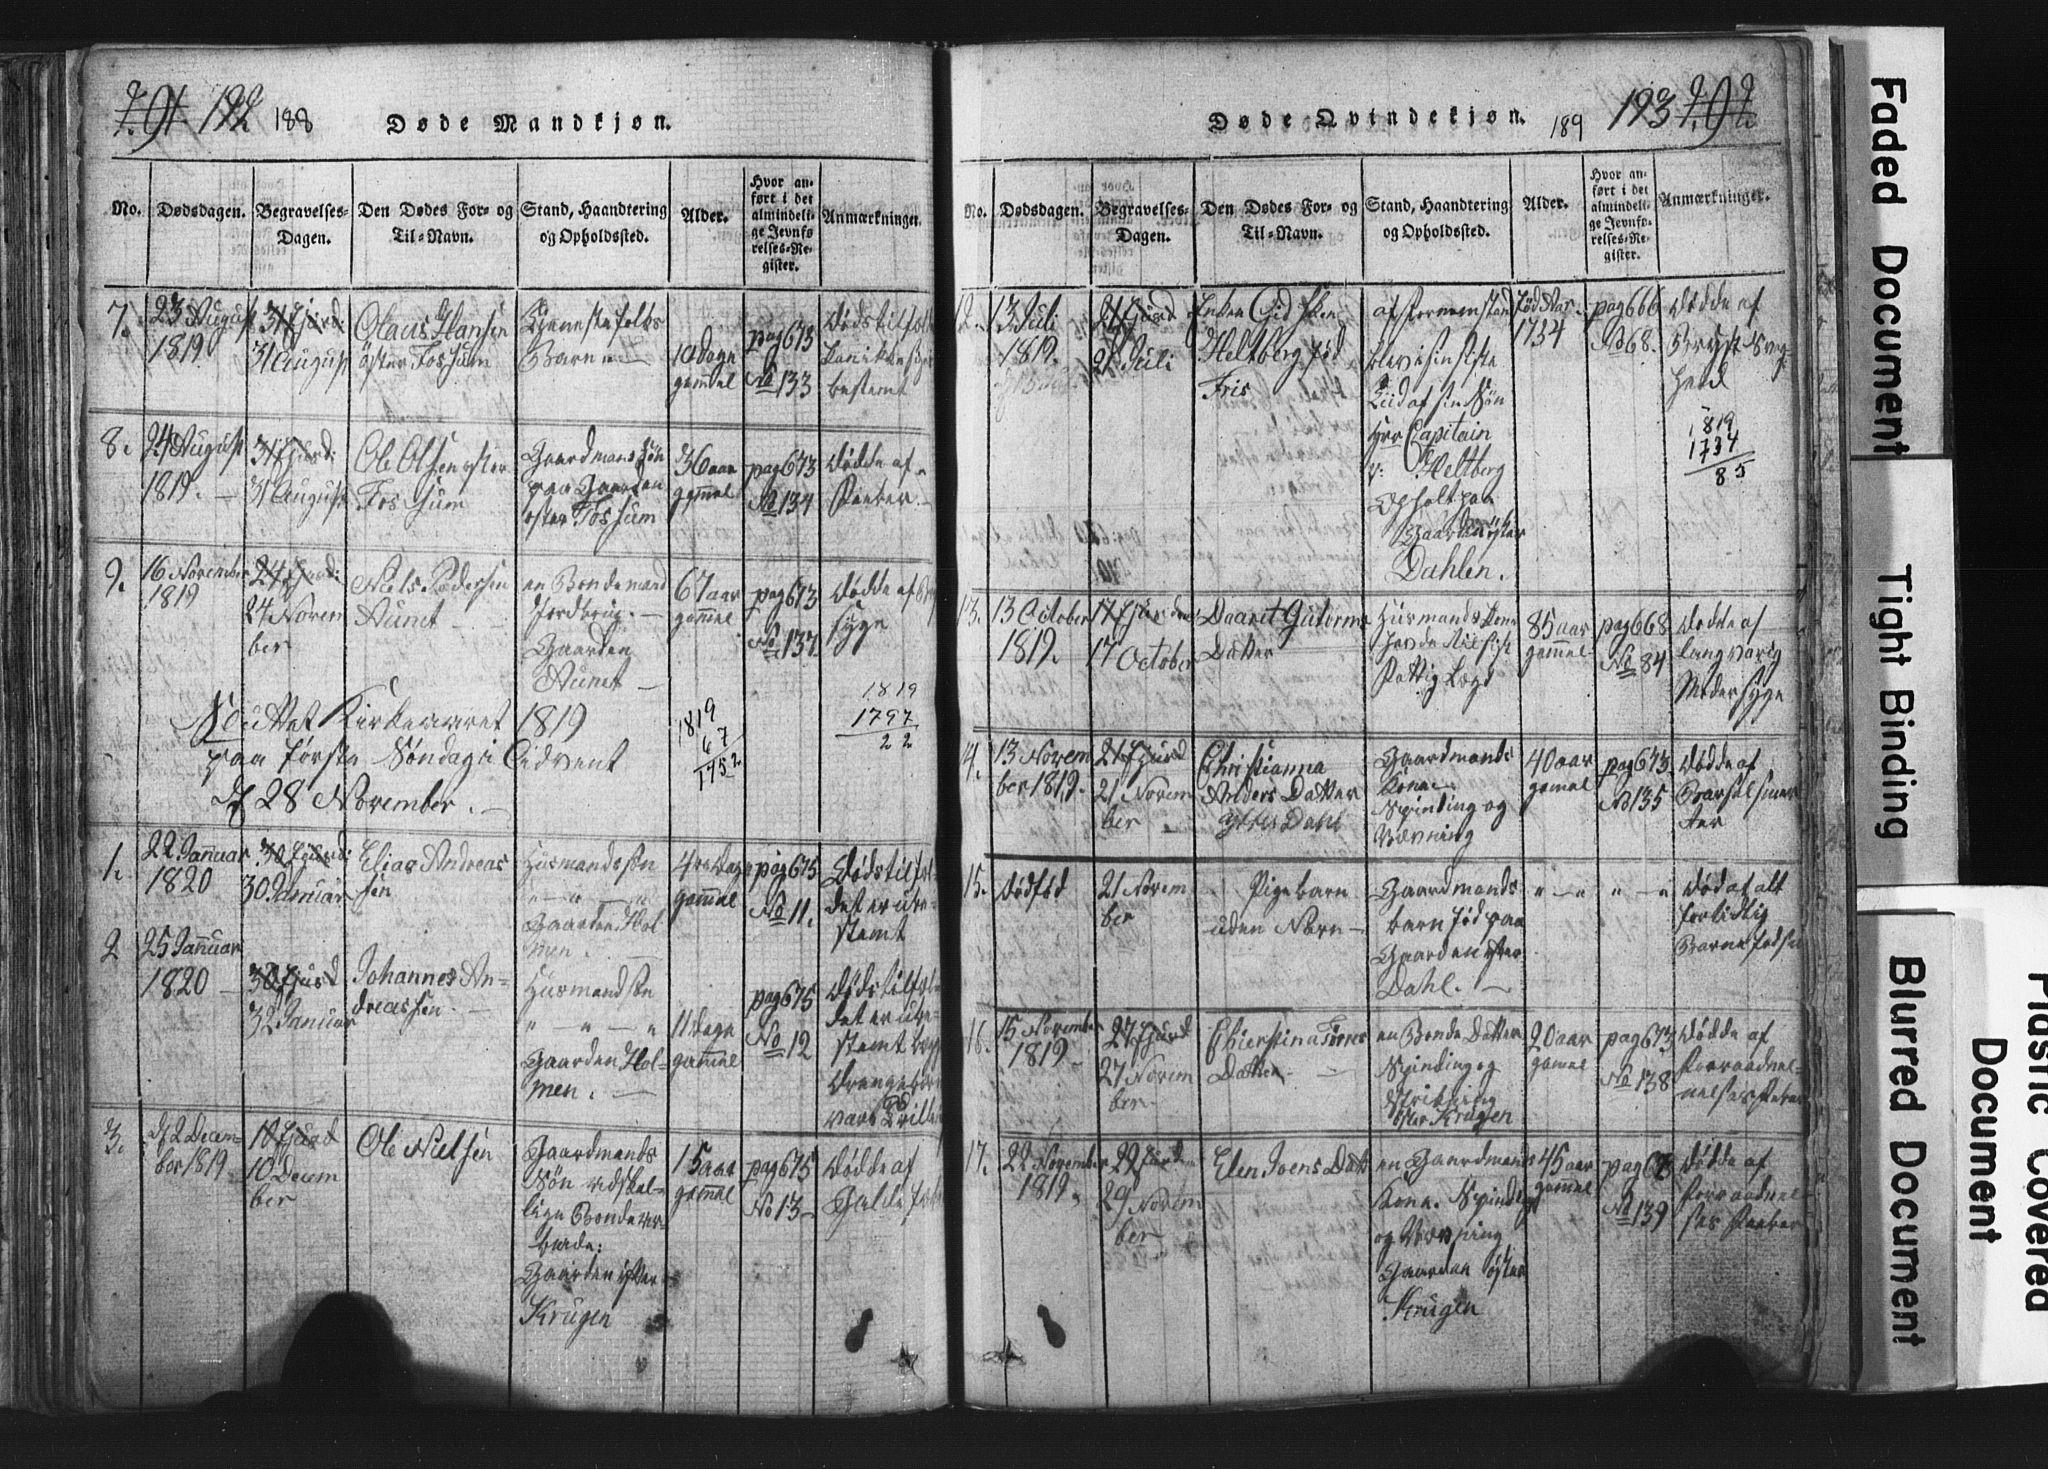 SAT, Ministerialprotokoller, klokkerbøker og fødselsregistre - Nord-Trøndelag, 701/L0017: Klokkerbok nr. 701C01, 1817-1825, s. 188-189